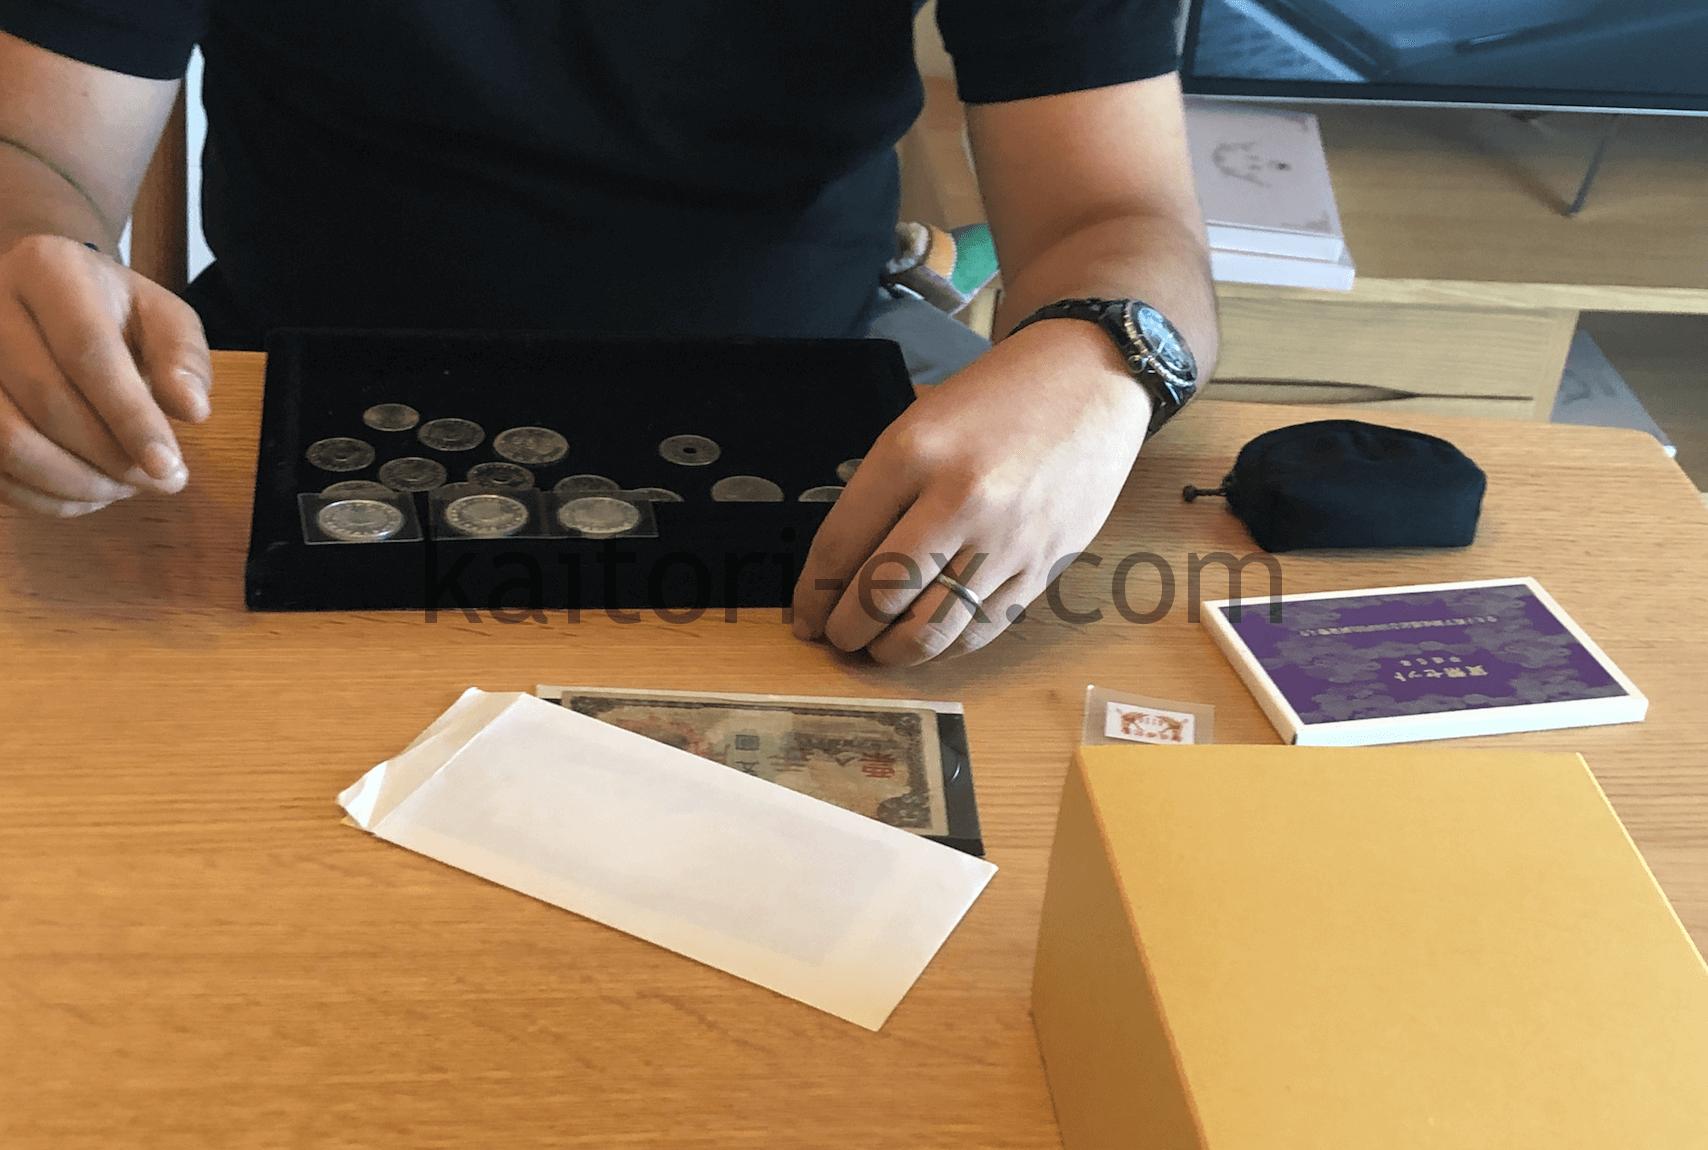 ピース(PIECE)の古銭買取の口コミ評判